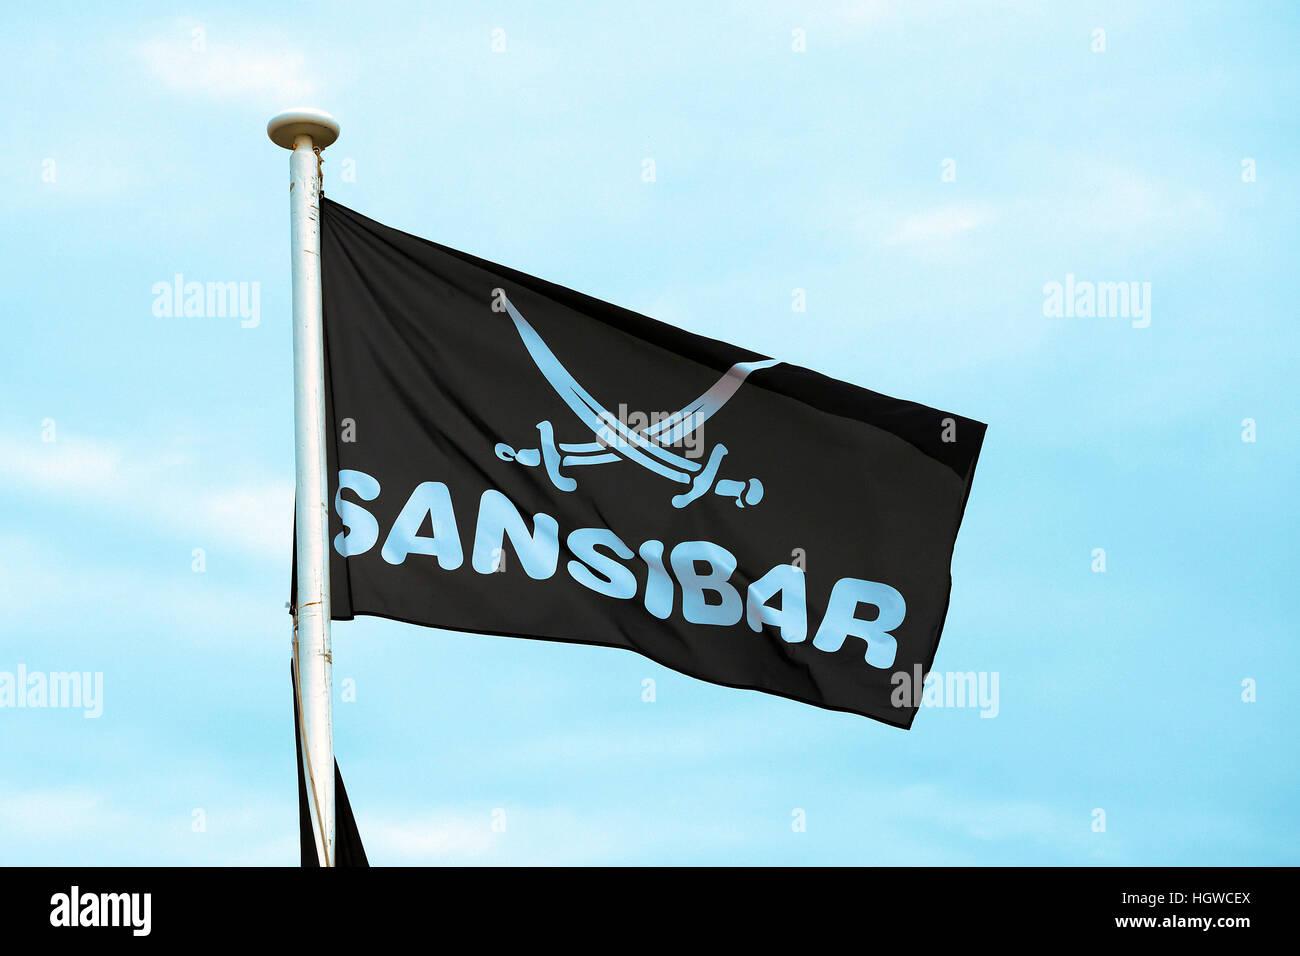 Fahne des Kultrestaurant Sansibar in den Duenen von Rantum, Sylt, nordfriesische Inseln, Nordfriesland, Schleswig - Stock Image